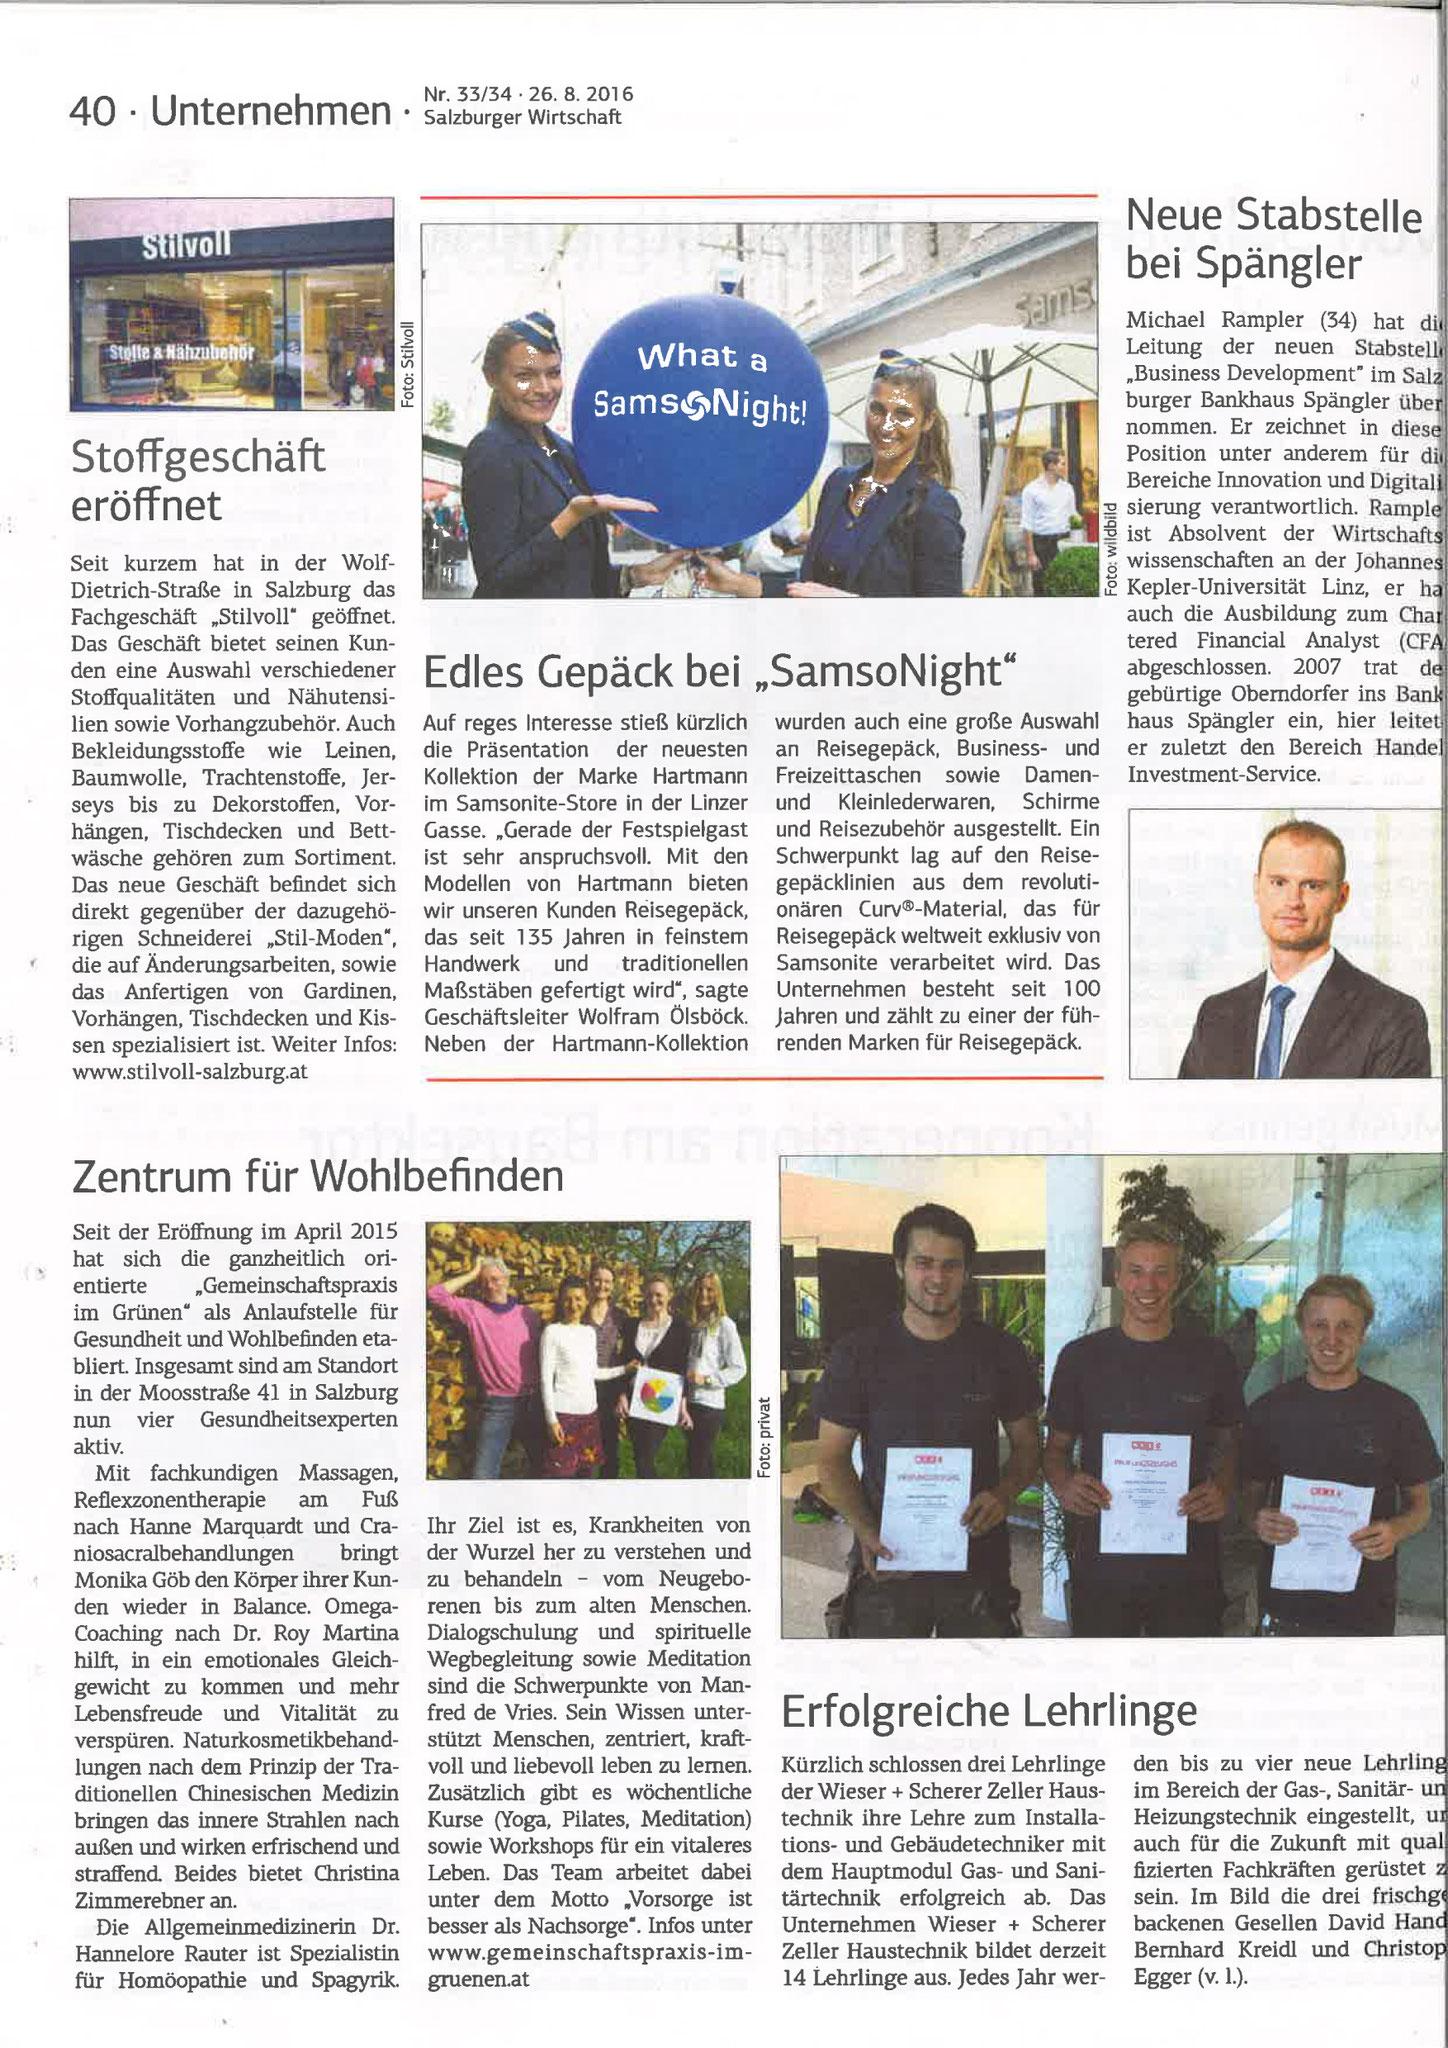 Salzburger Wirtschaft, 26. August 2016